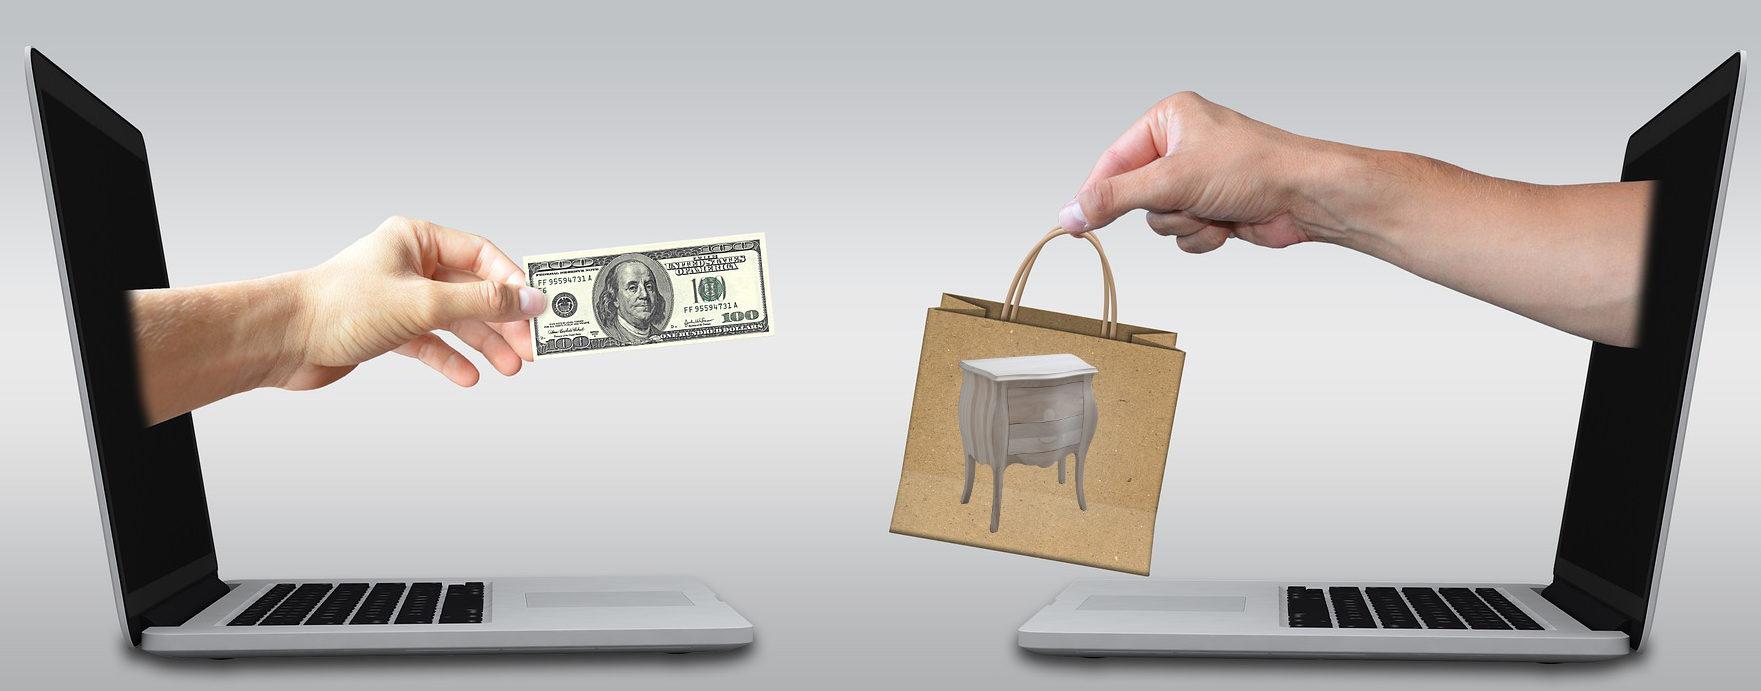 Pratelli mobili vendita online mobili grezzi e for Negozi mobili online